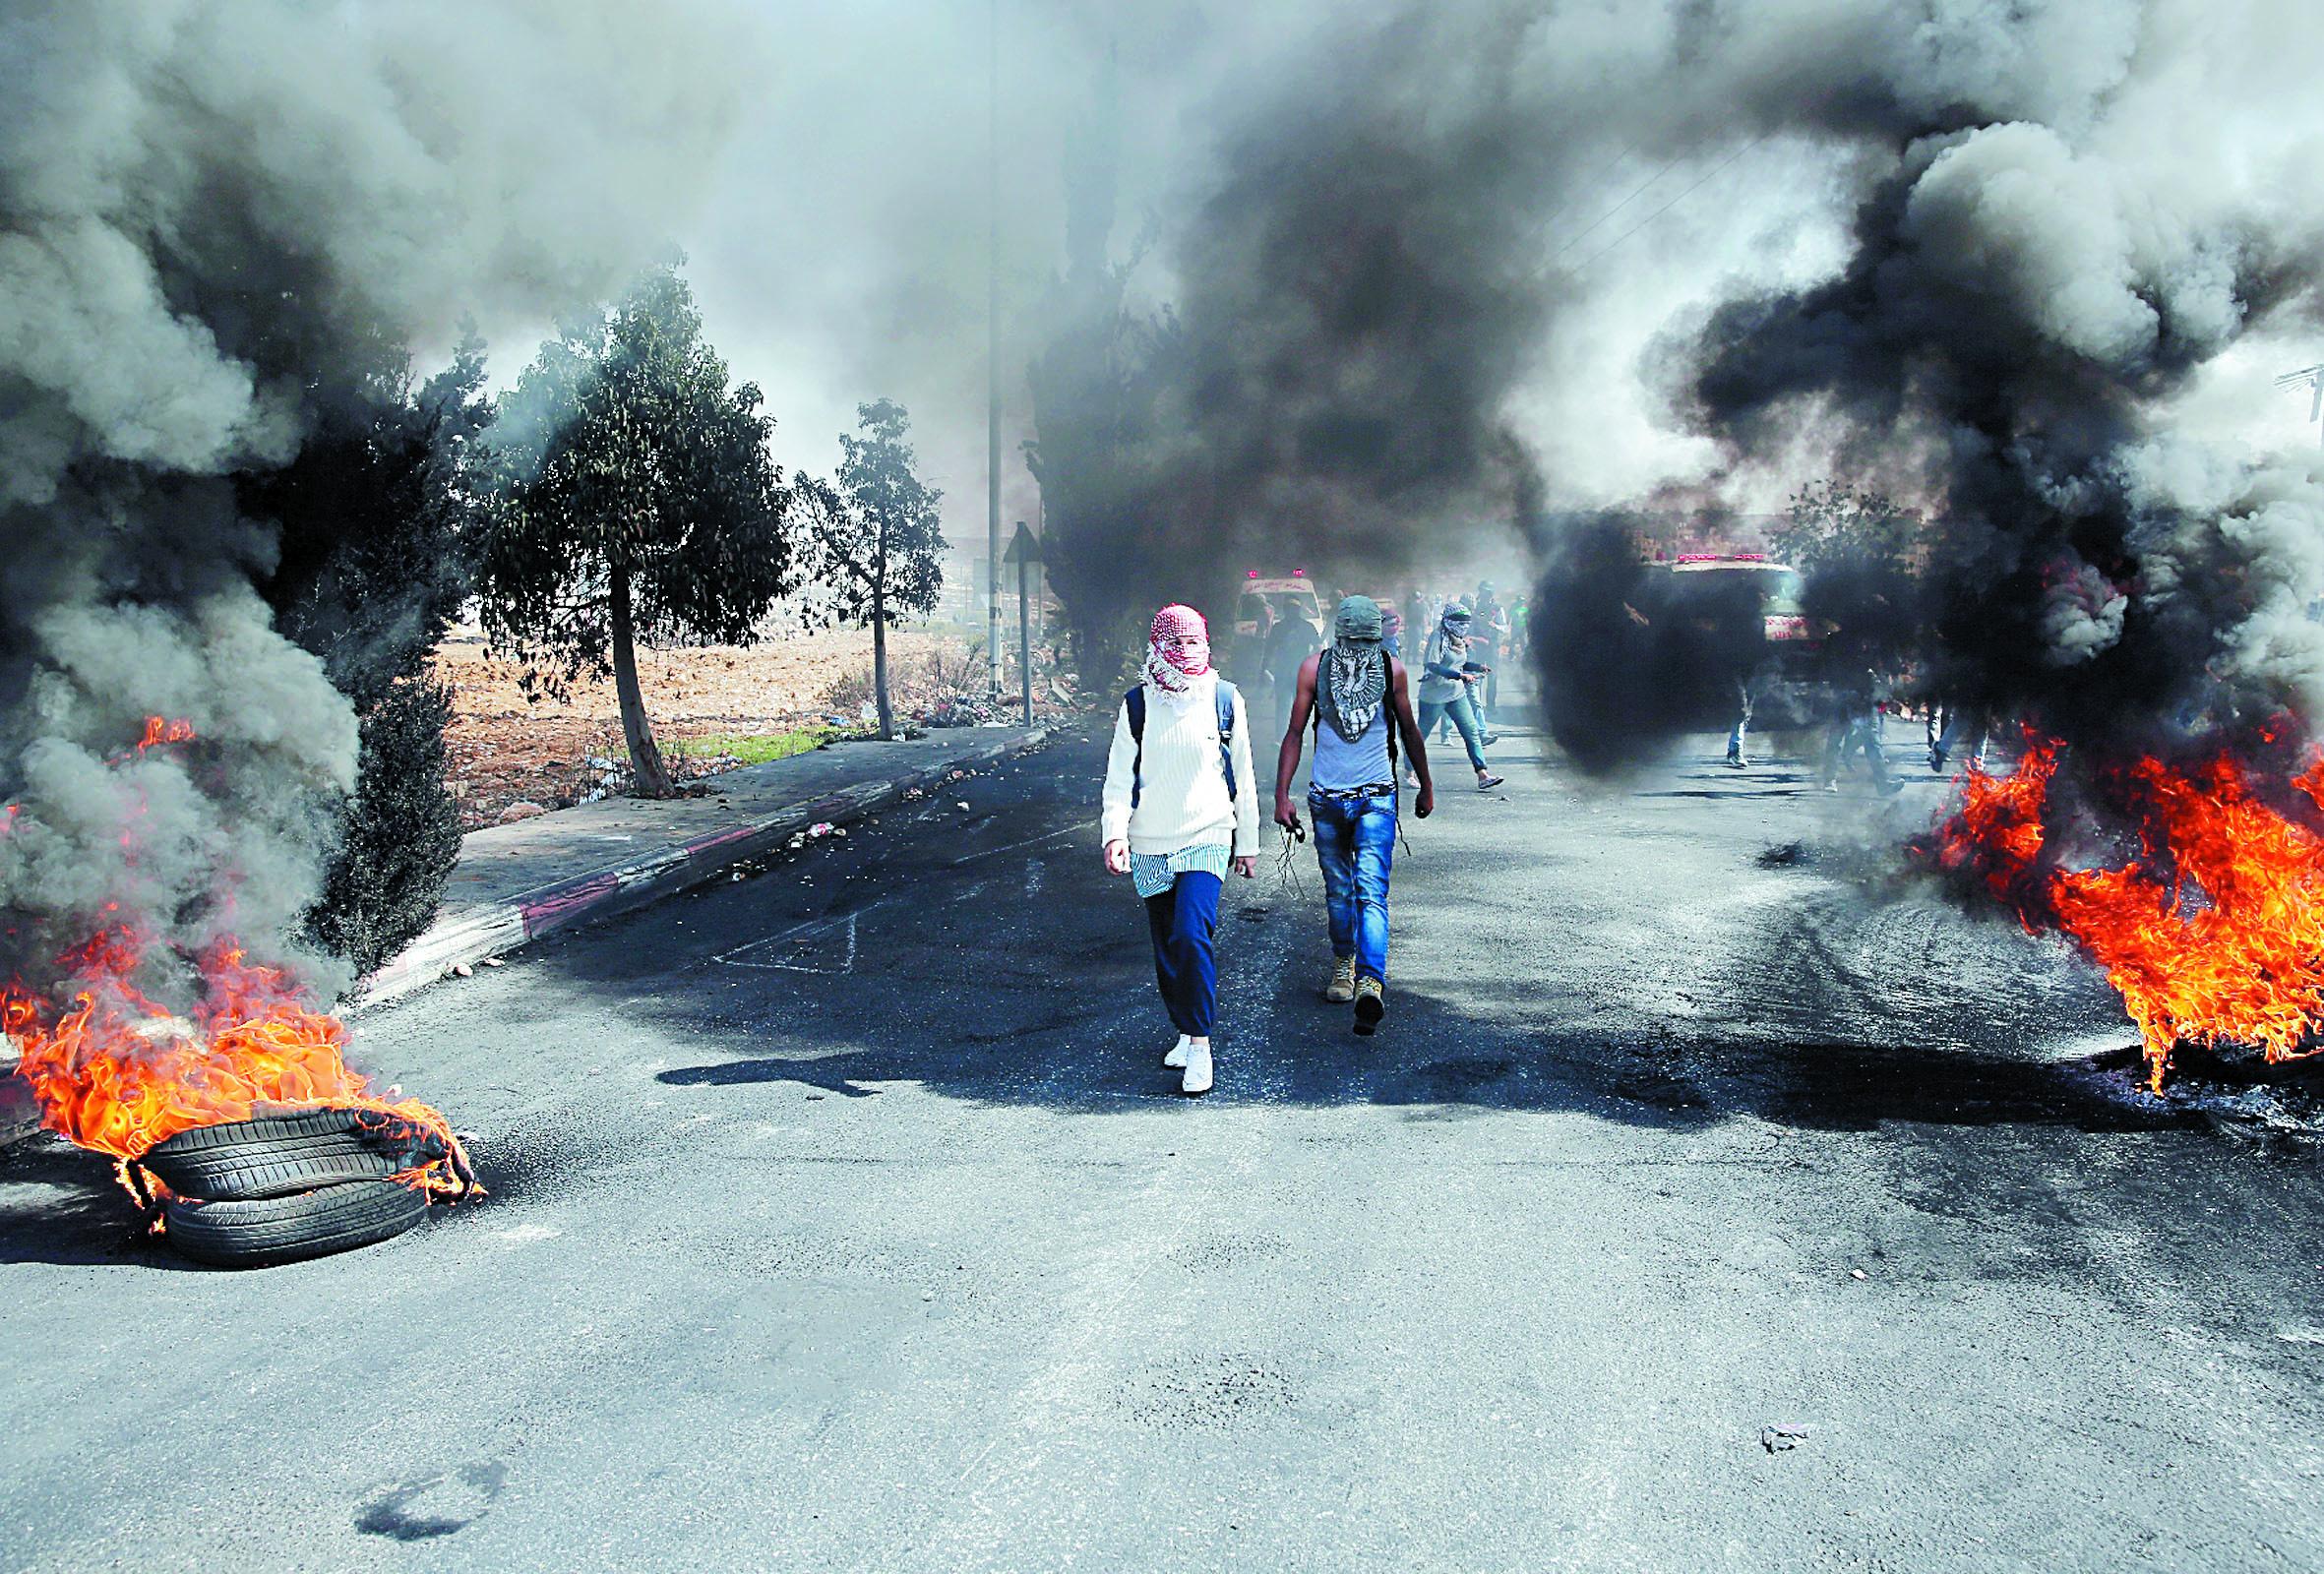 L'escalade  de violence fait  redouter une  nouvelle Intifada dans les territoires palestiniens  occupés